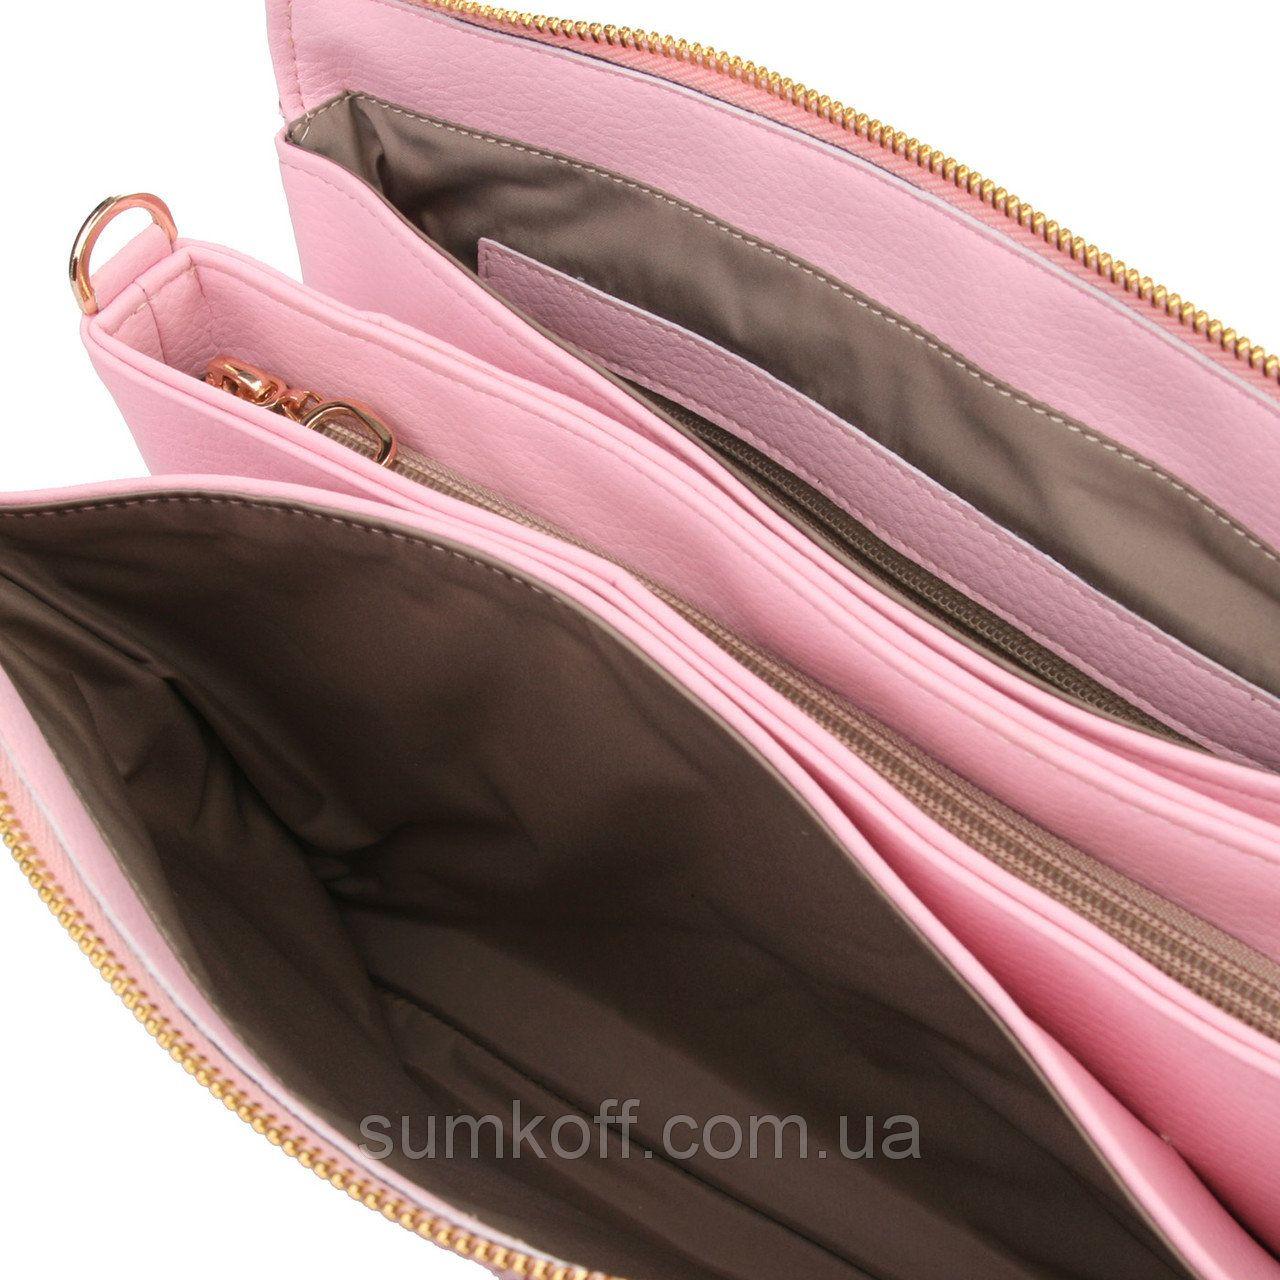 Розовая сумочка-клатч имитация кожи змеи  продажа, цена в Днепре. женские  сумочки 40b0512b193